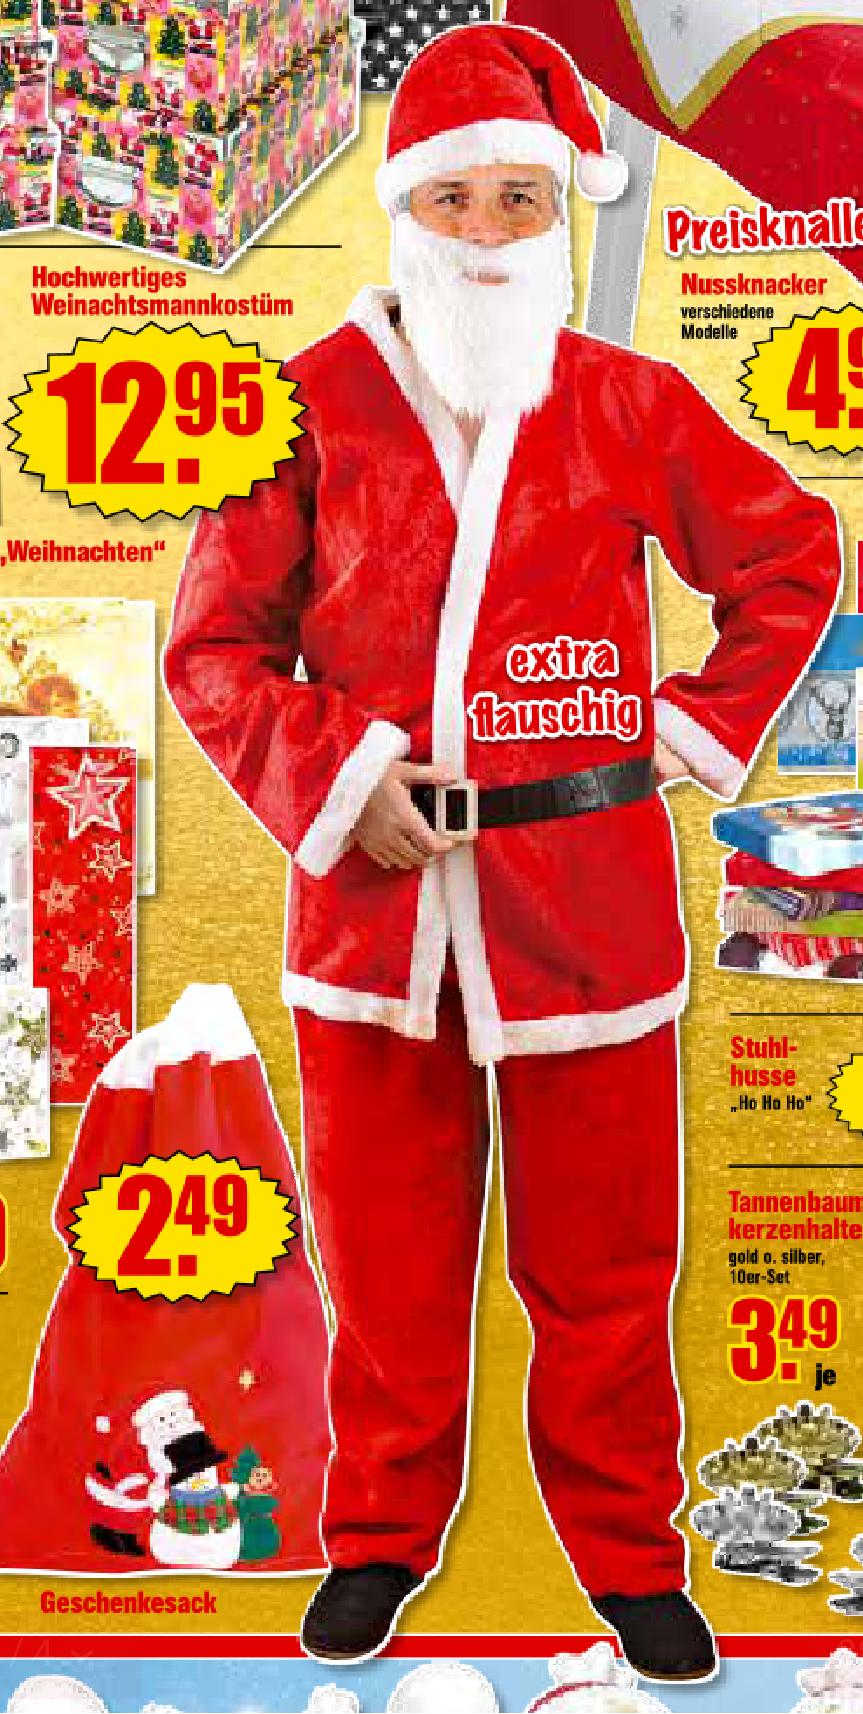 Jetzt schon an Weihnachten denken. Weihnachtsmannkostüm für 12,95€ bei Krümet